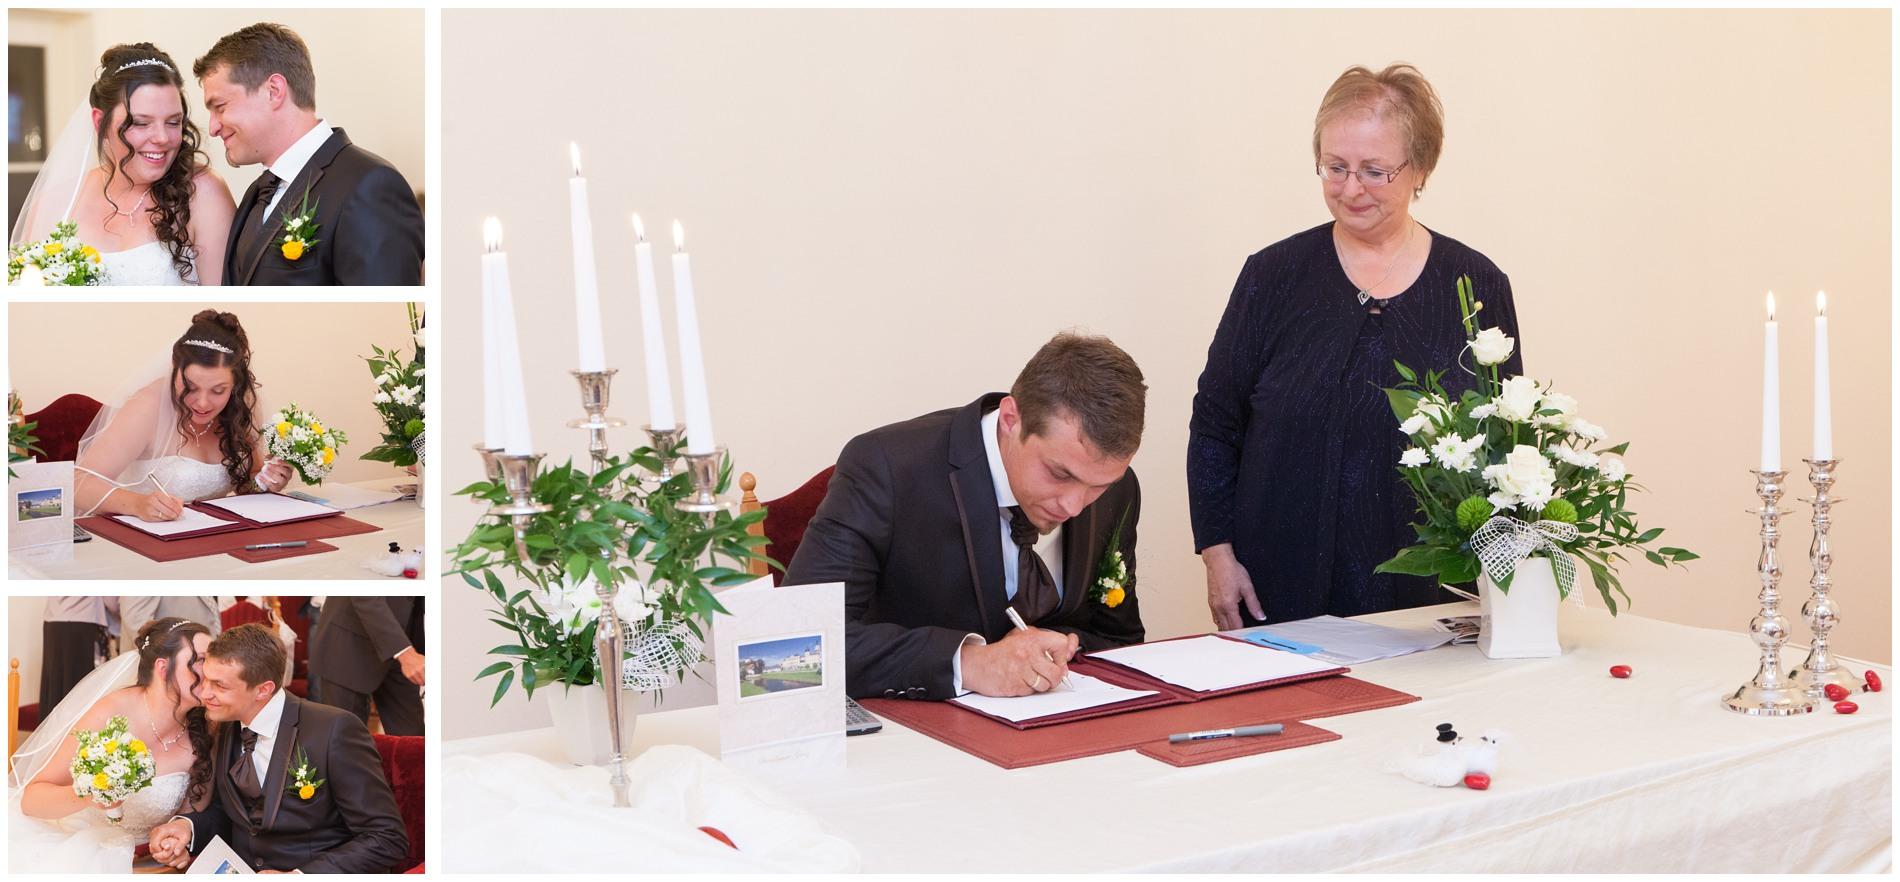 Standesamtliche Trauung im Landkreis Greiz in Thüringen – Hochzeitsfotograf Thüringen